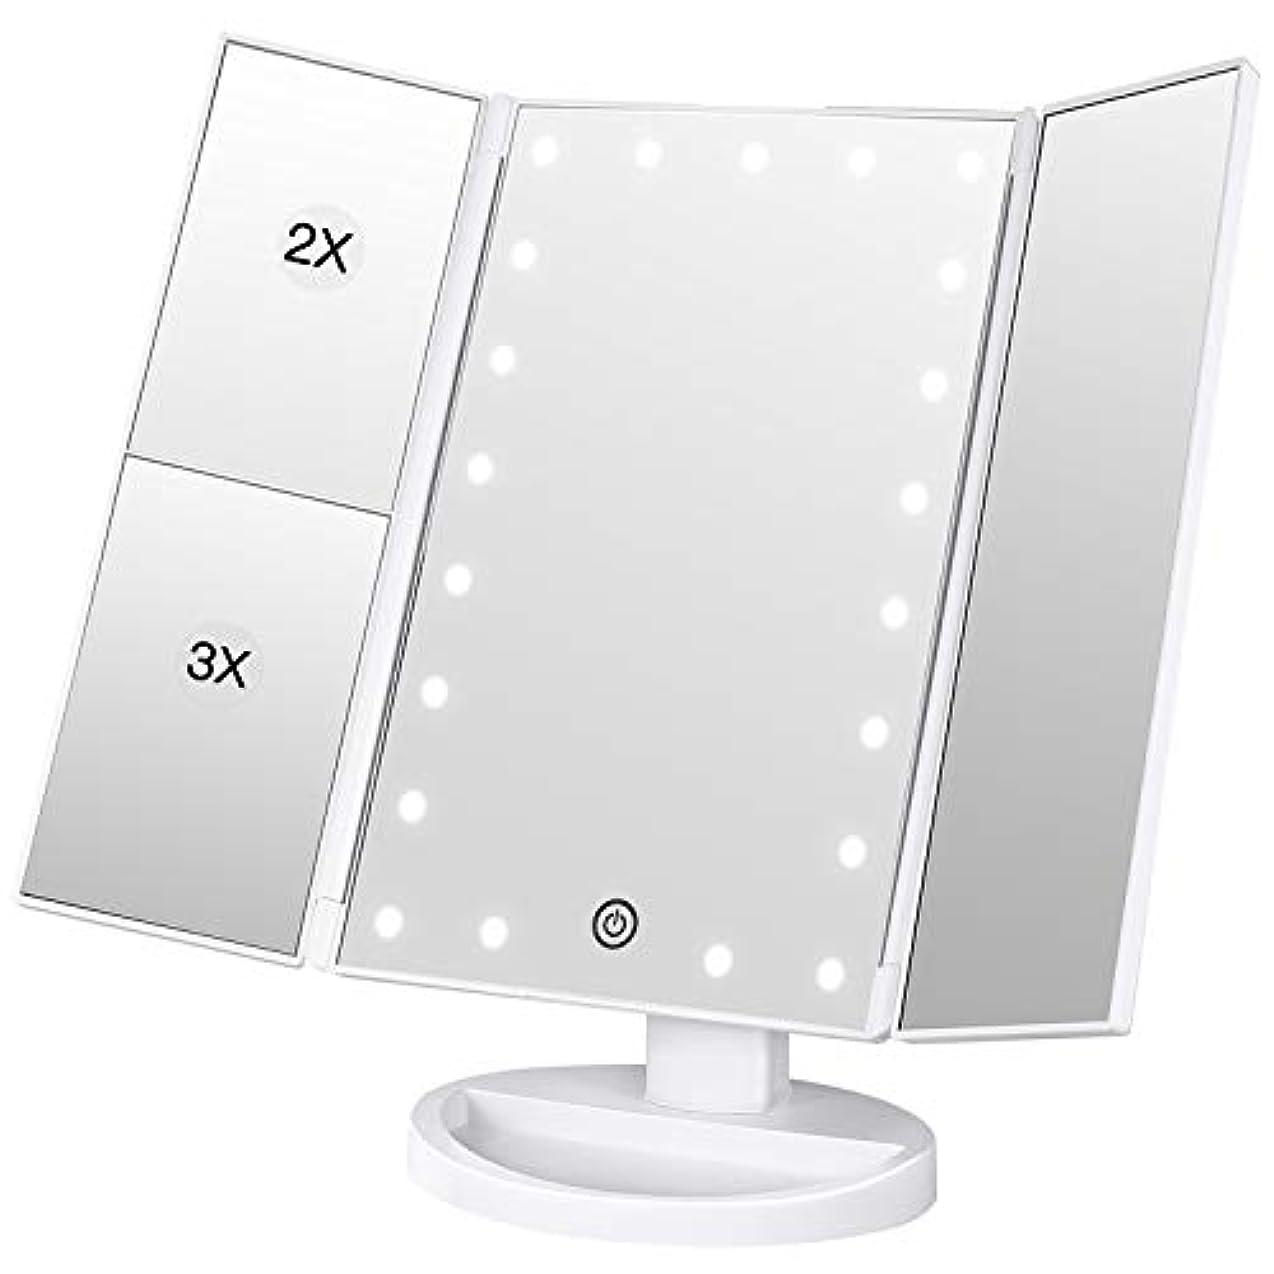 本物休憩ゆでるBESTOPE 化粧鏡 化粧ミラー 鏡 三面鏡 女優ミラー 卓上 led付き 折りたたみ 拡大鏡 2&3倍 明るさ調節可能 180°回転 電池&USB 2WAY給電